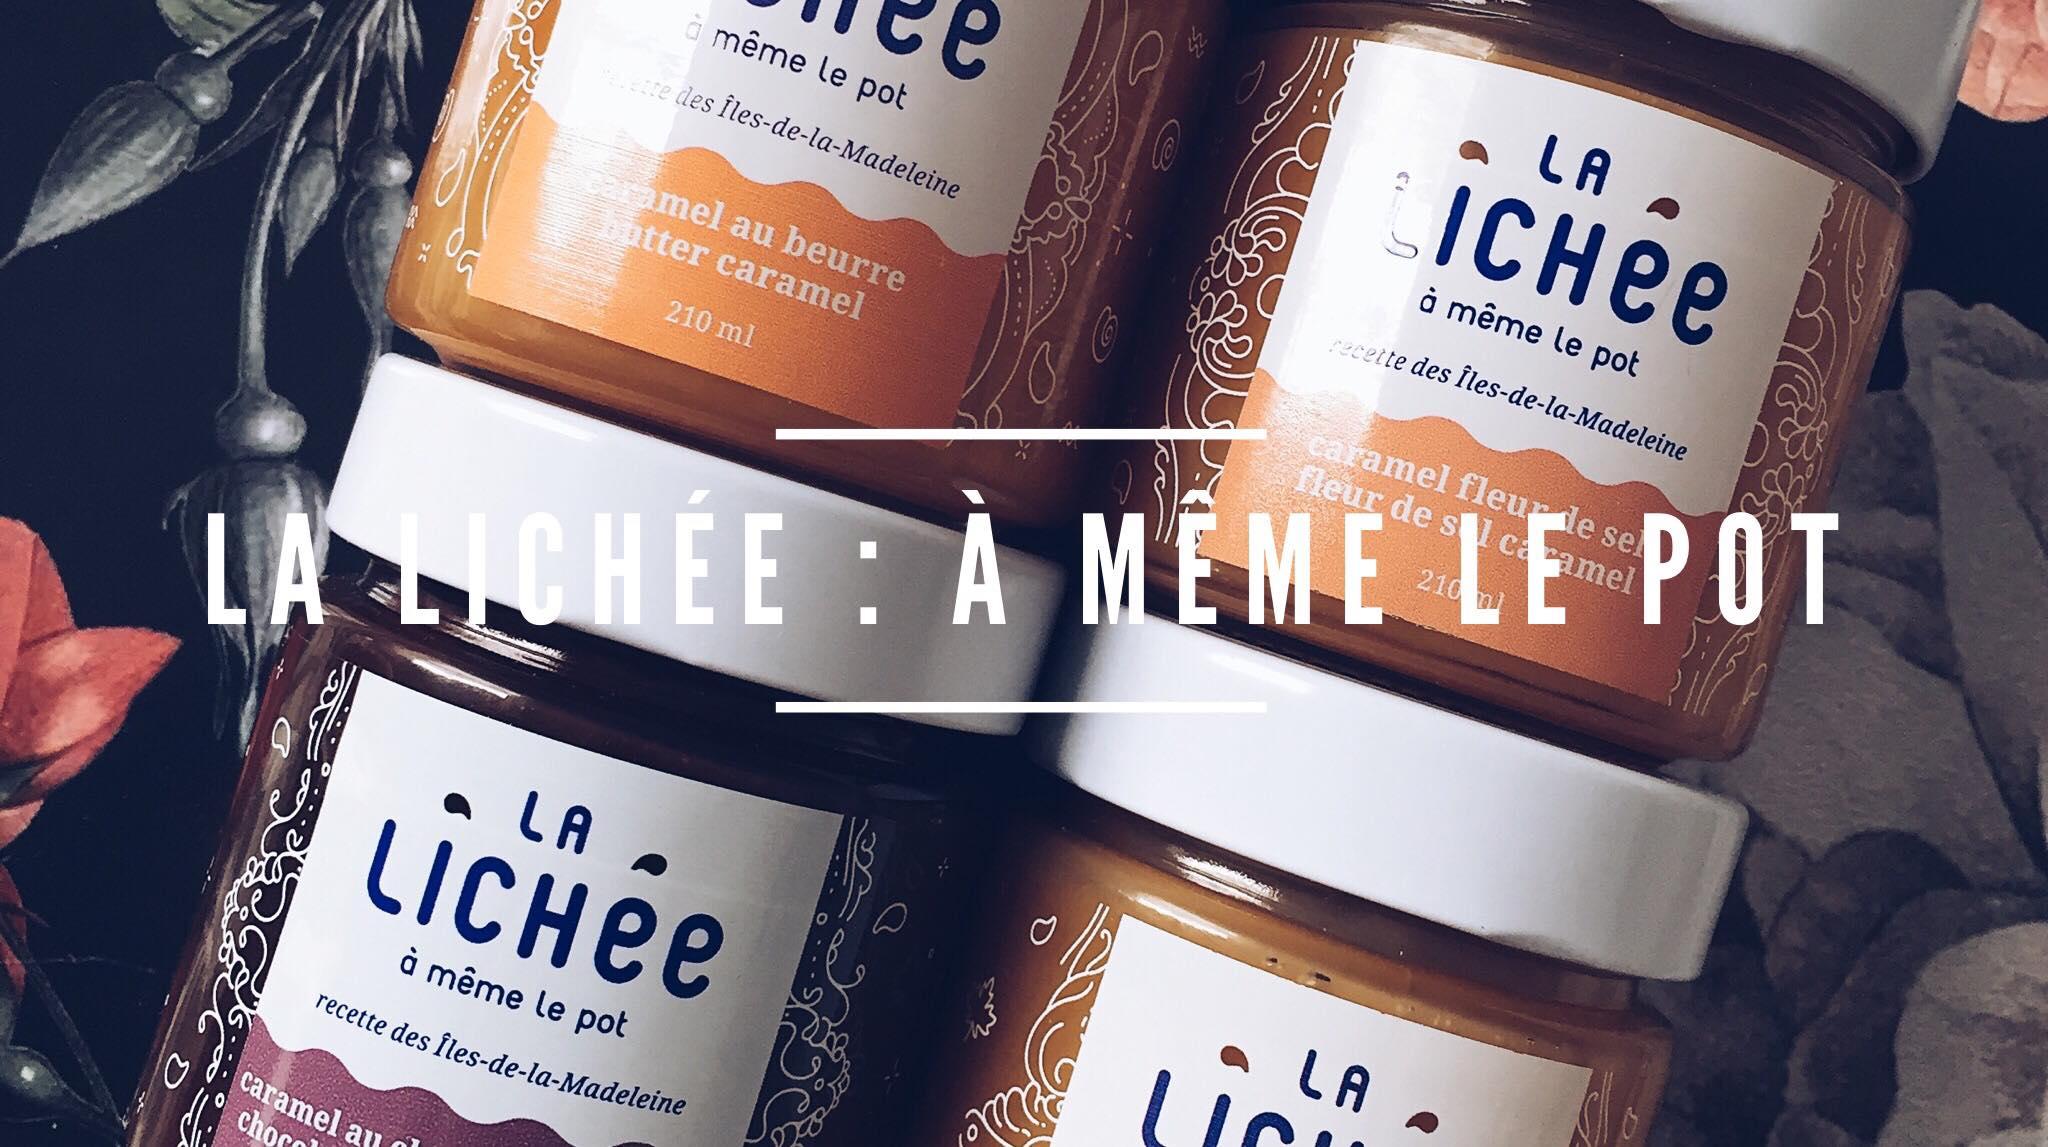 On a goûté aux pots de La Lichée, caramels faits à Montréal,